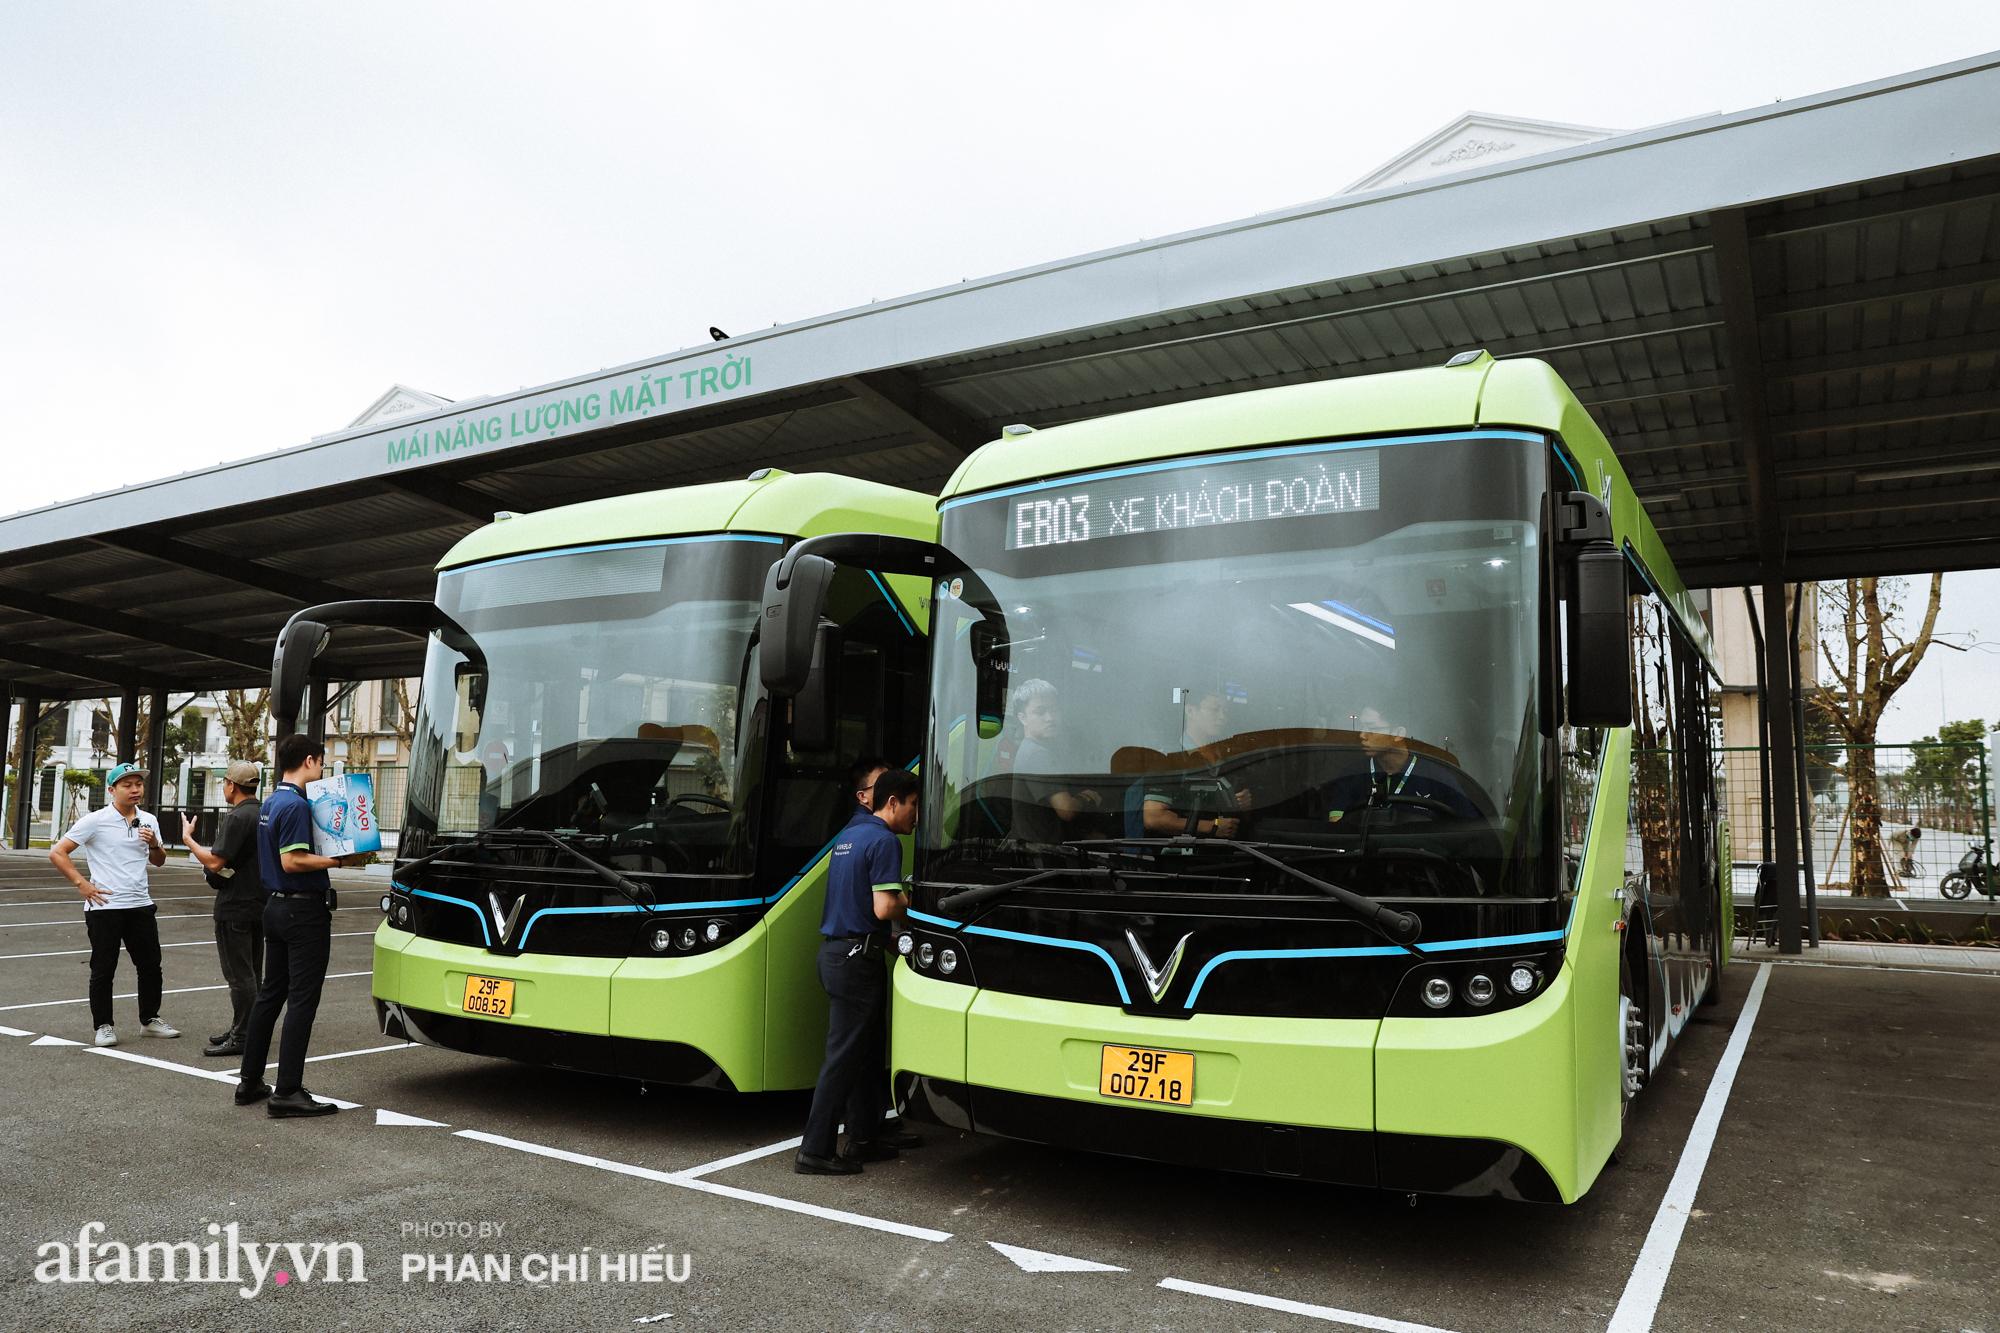 Khám phá tuyến xe buýt điện đầu tiên tại Hà Nội, sử dụng nguồn năng lượng vô tận từ năng lượng mặt trời, xe đủ thử trang bị tiện ích chẳng kém gì những chiếc xế hộp xịn xò - Ảnh 1.